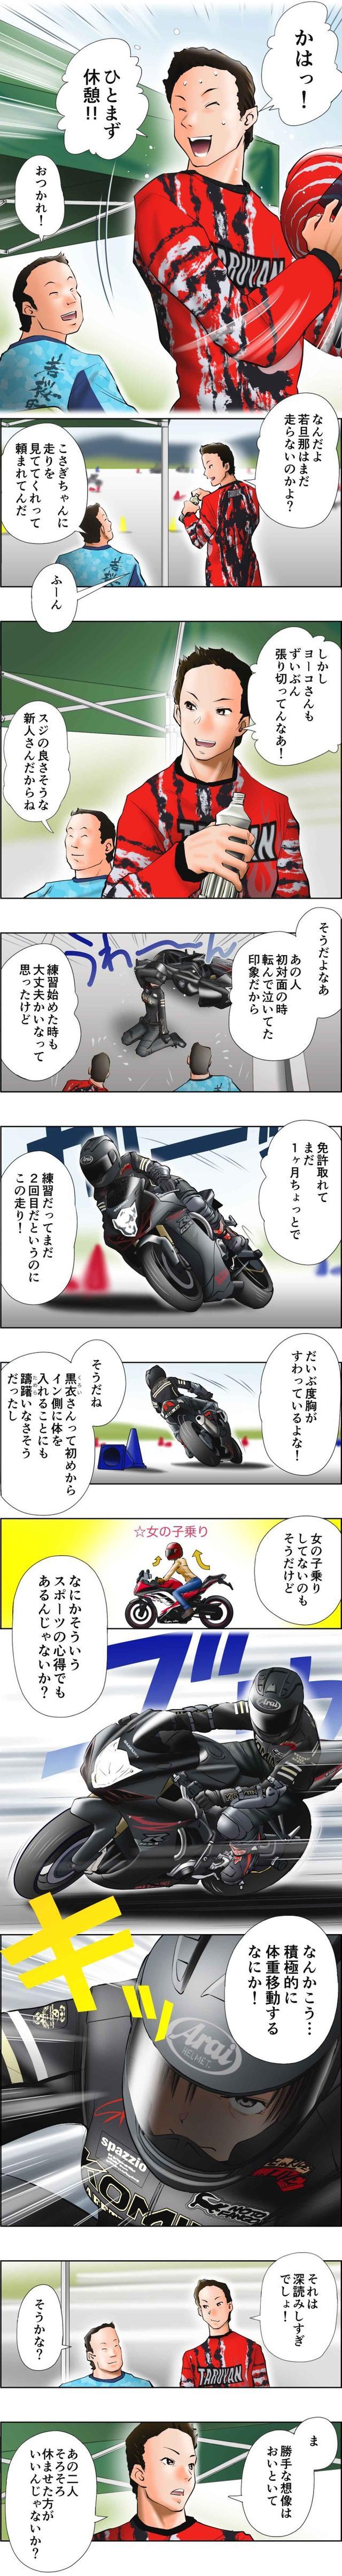 画像: MOTOジム!(第8話:最高に楽しいんです!) 作・ばどみゅーみん - オートバイ & RIDE